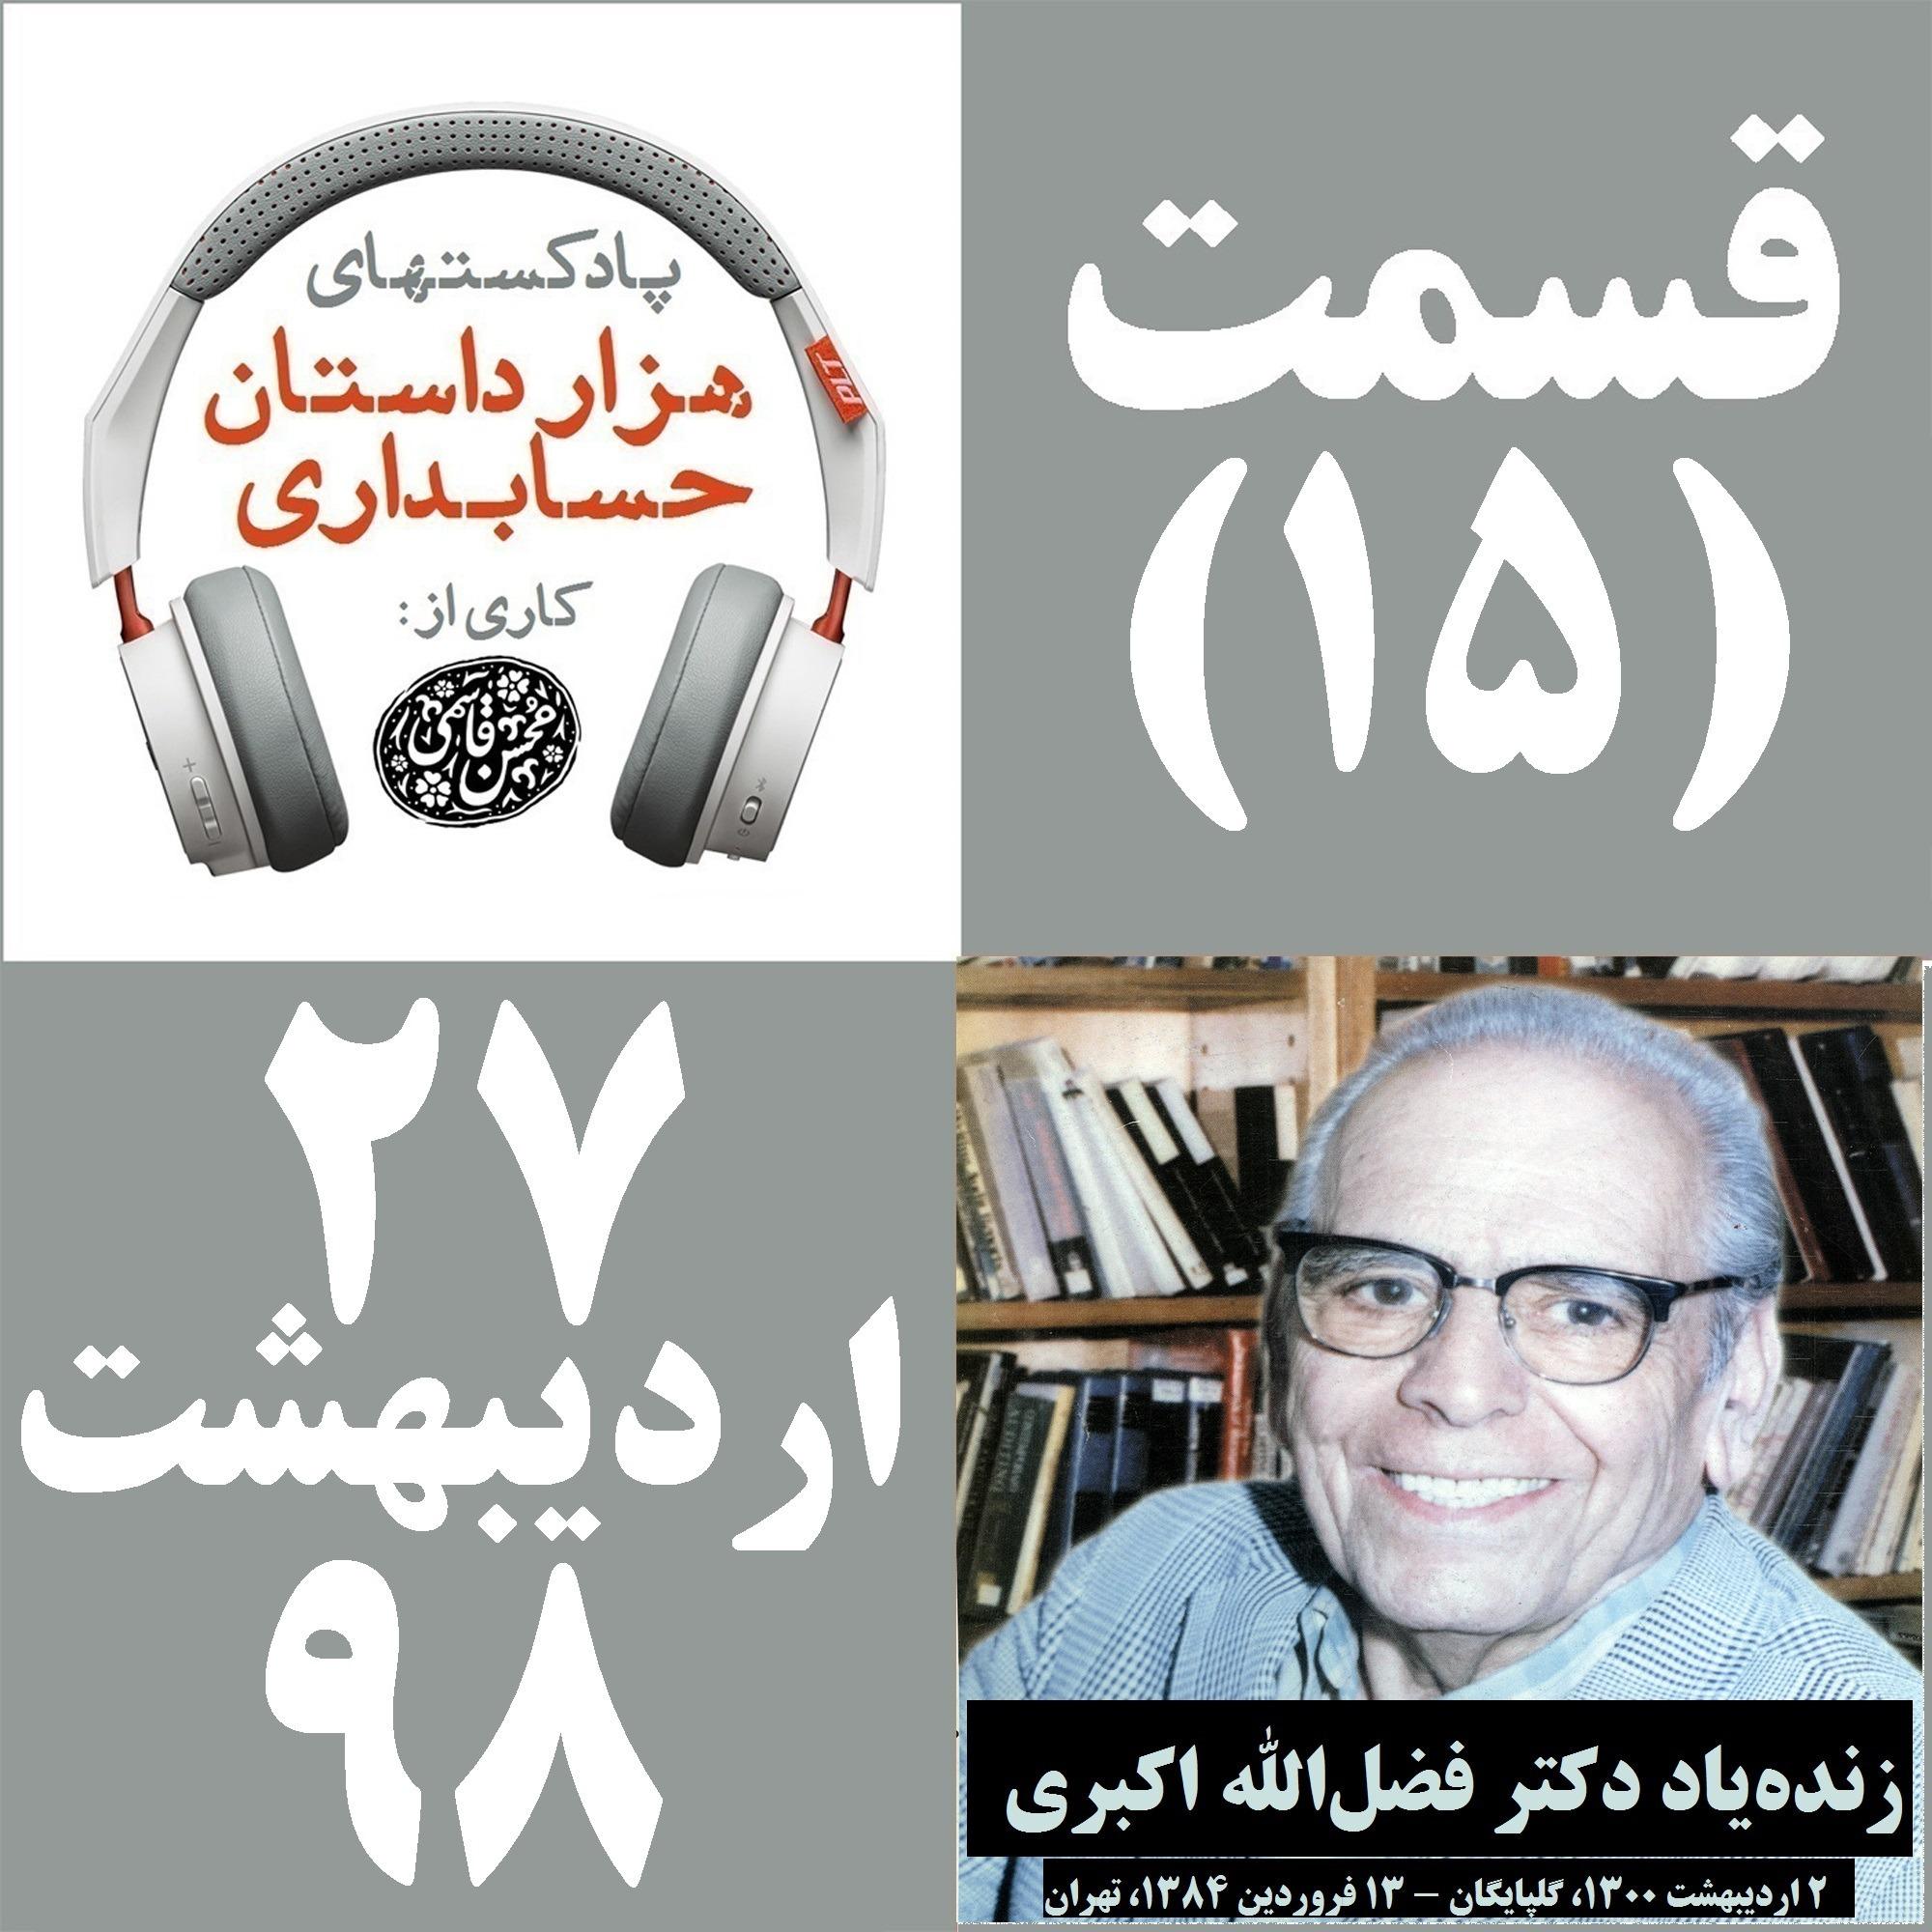 قسمت 15- زندهیاد دکتر فضلالله اکبری و دانشکده علوم اداری و مدیریت بازرگانی دانشگاه تهران